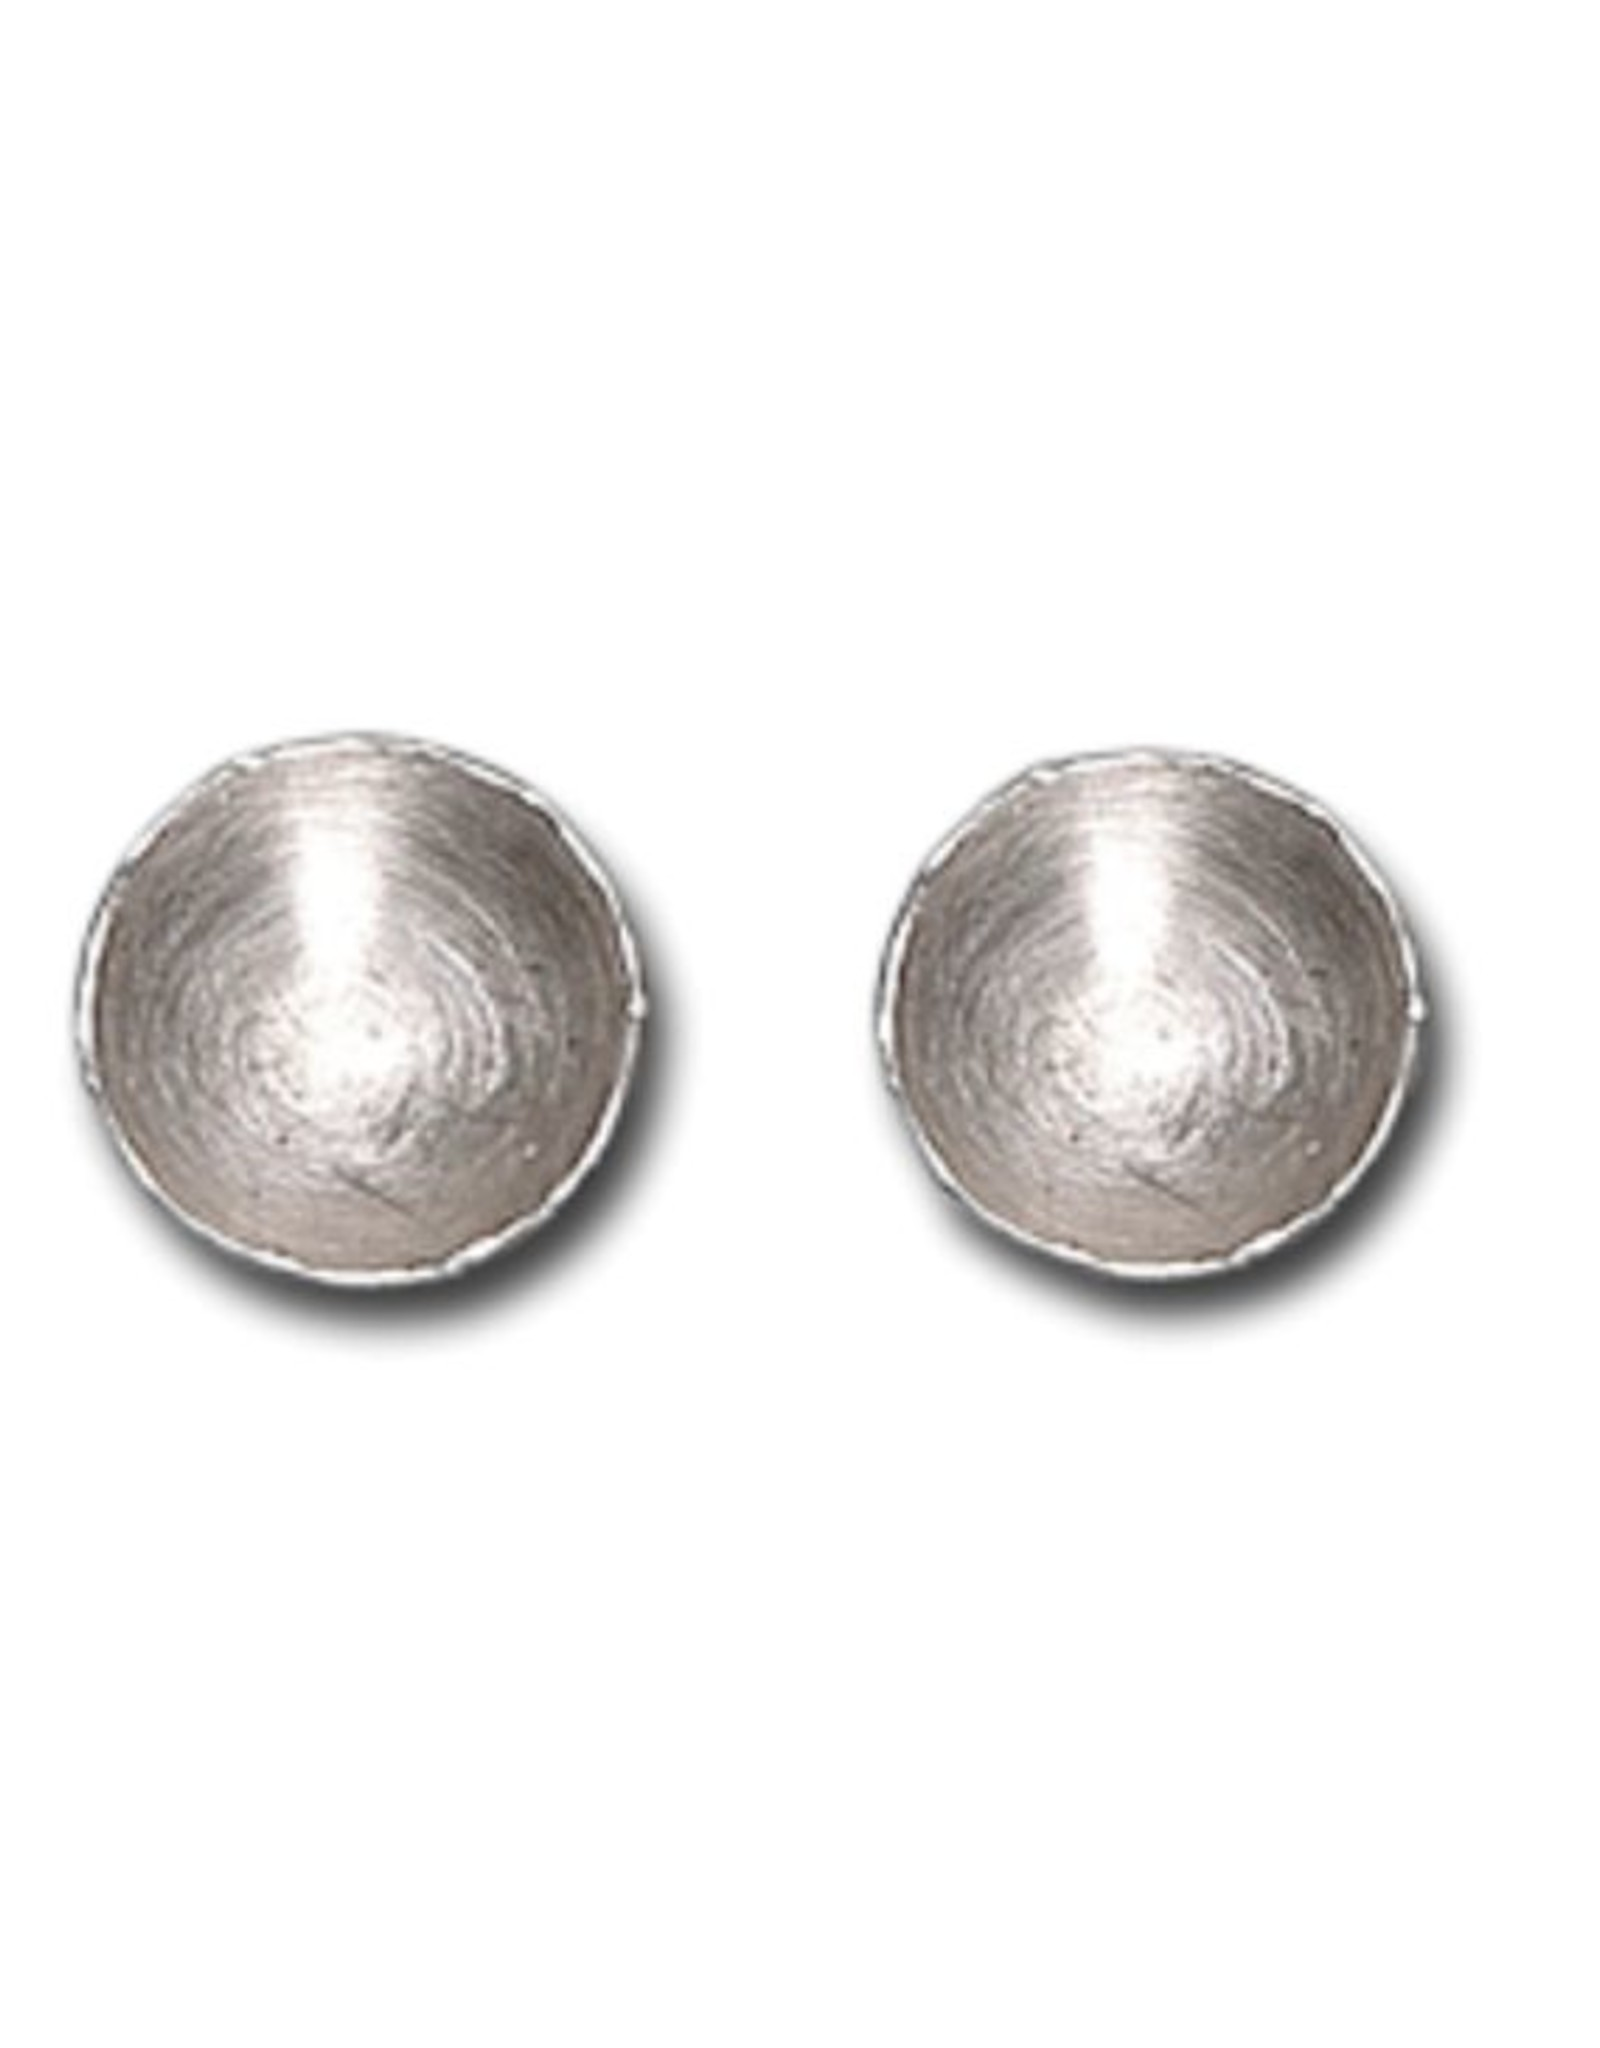 Himatsingka Fragment Silver Earrings - Large